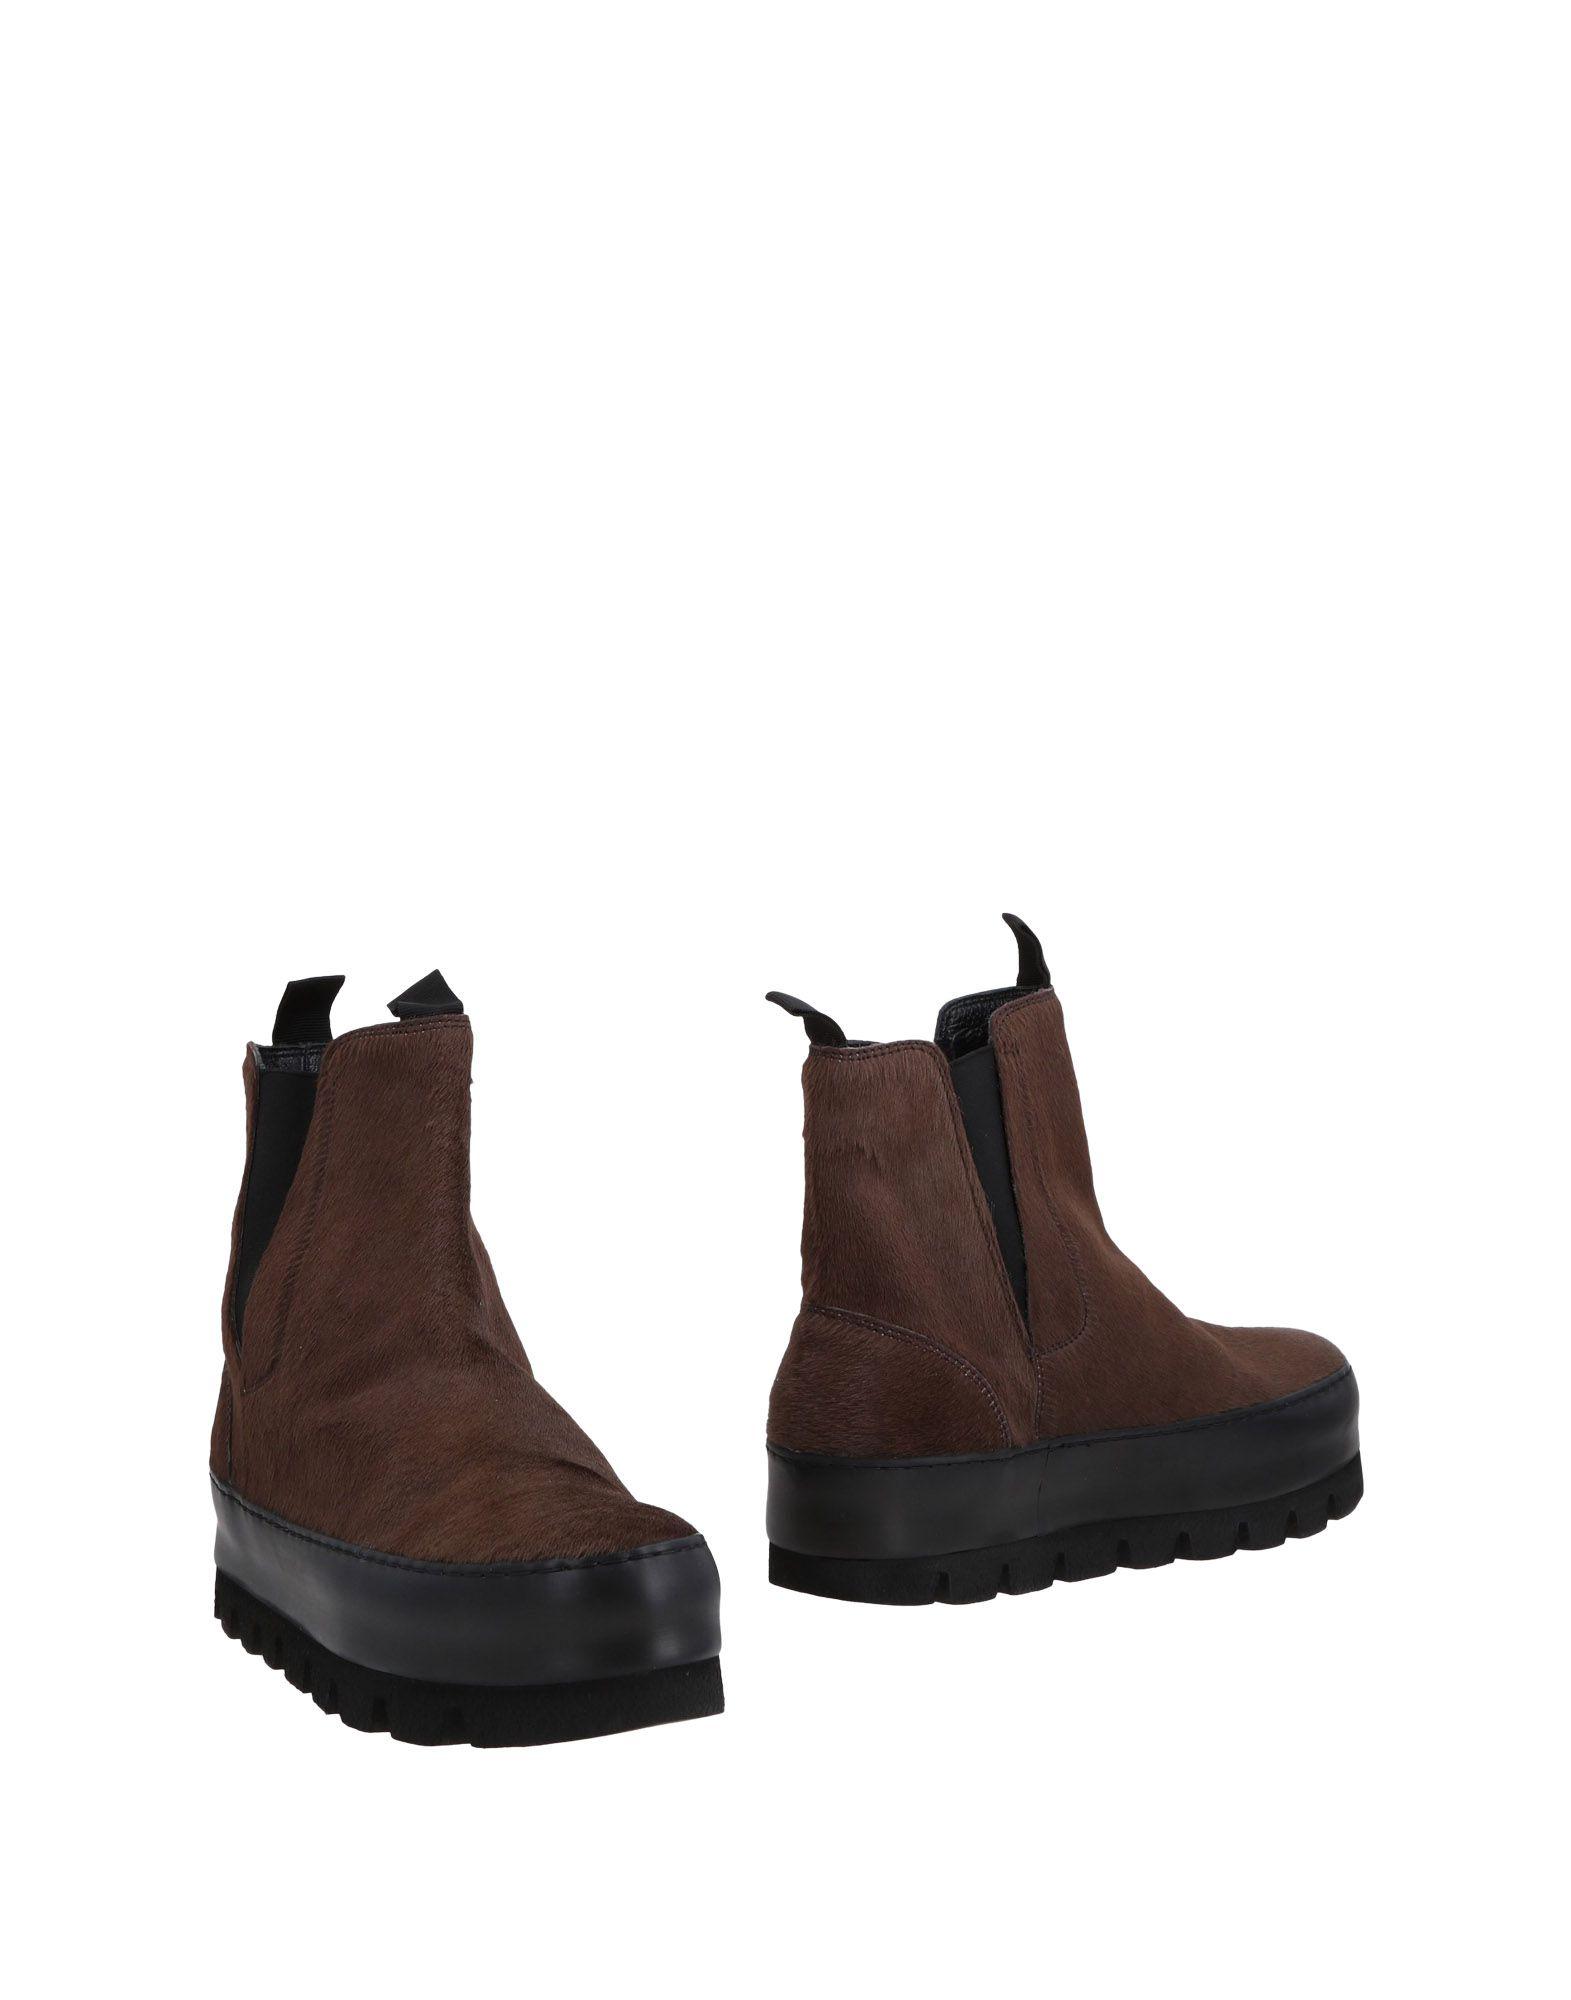 Stilvolle billige Schuhe Damen O.X.S. Chelsea Boots Damen Schuhe  11473543AV 1a846d